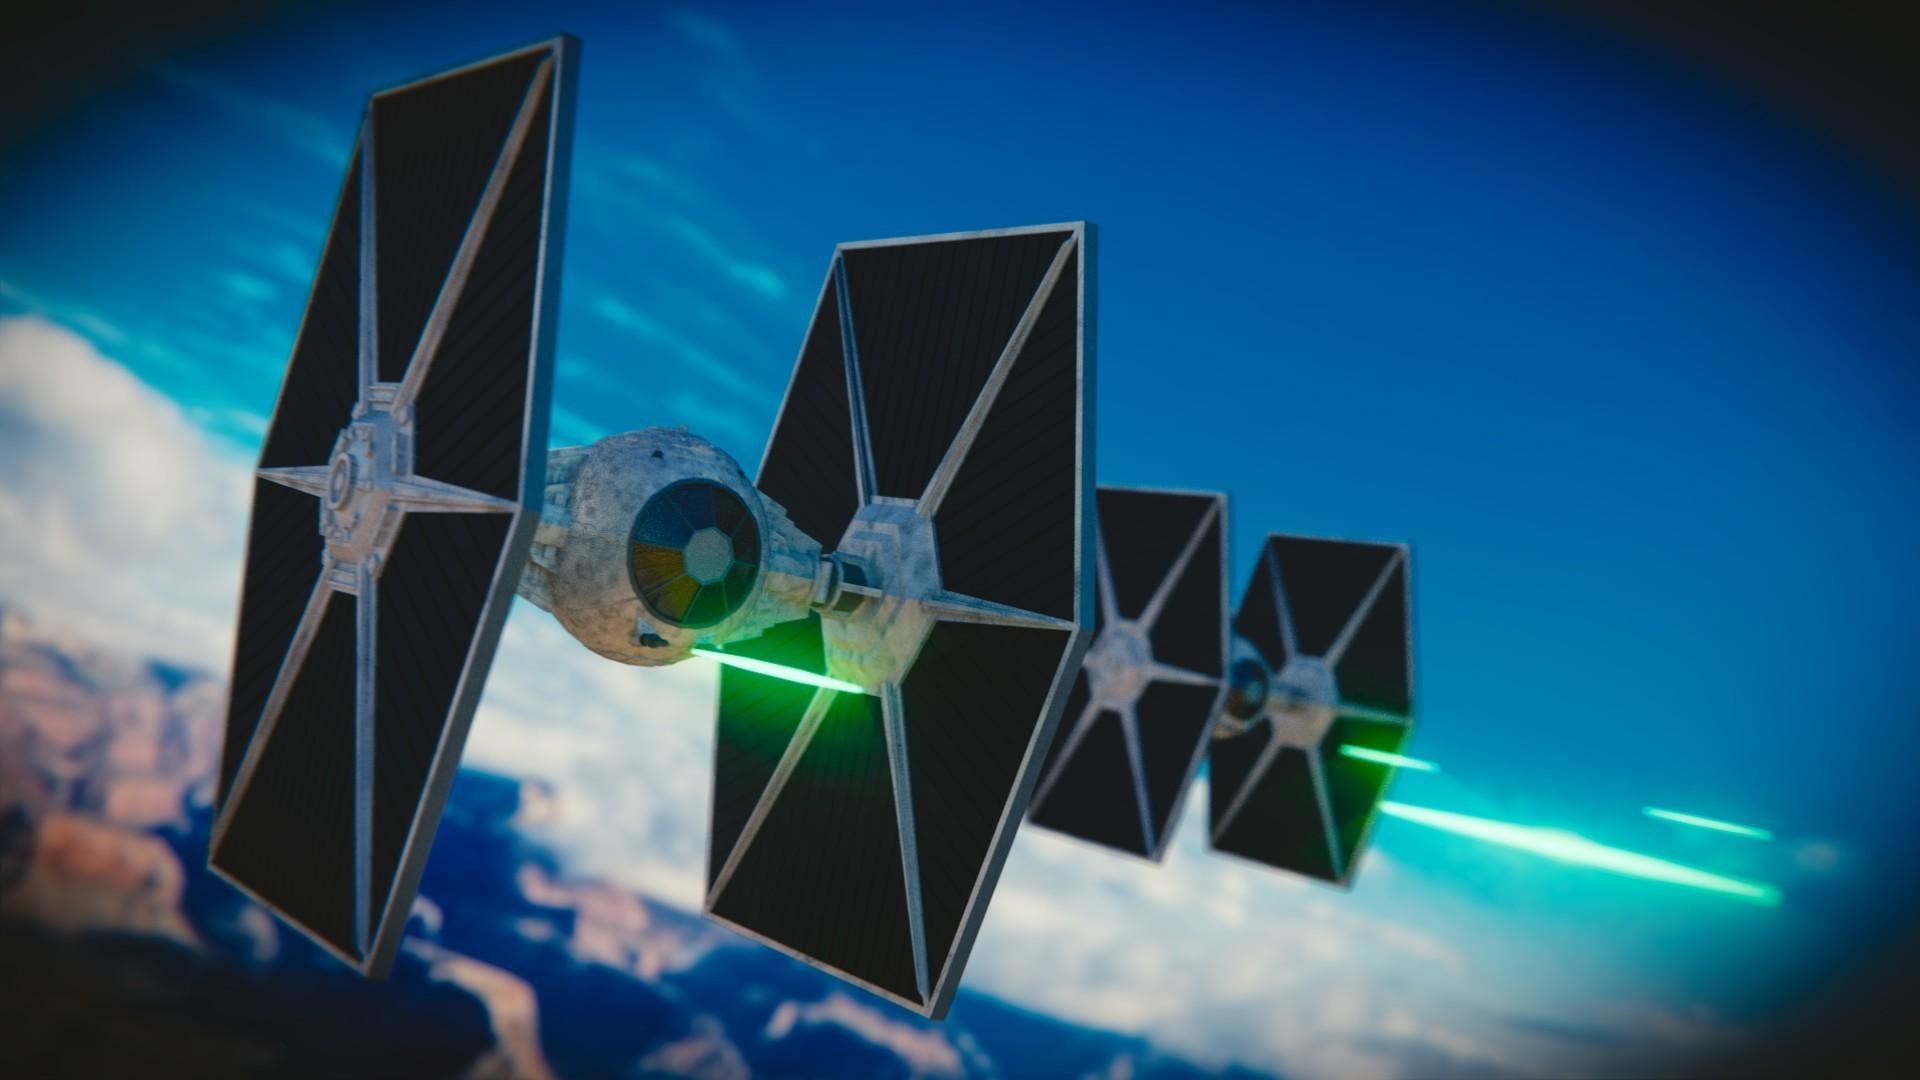 Star Wars: Tie Fighters by silveralv on DeviantArt